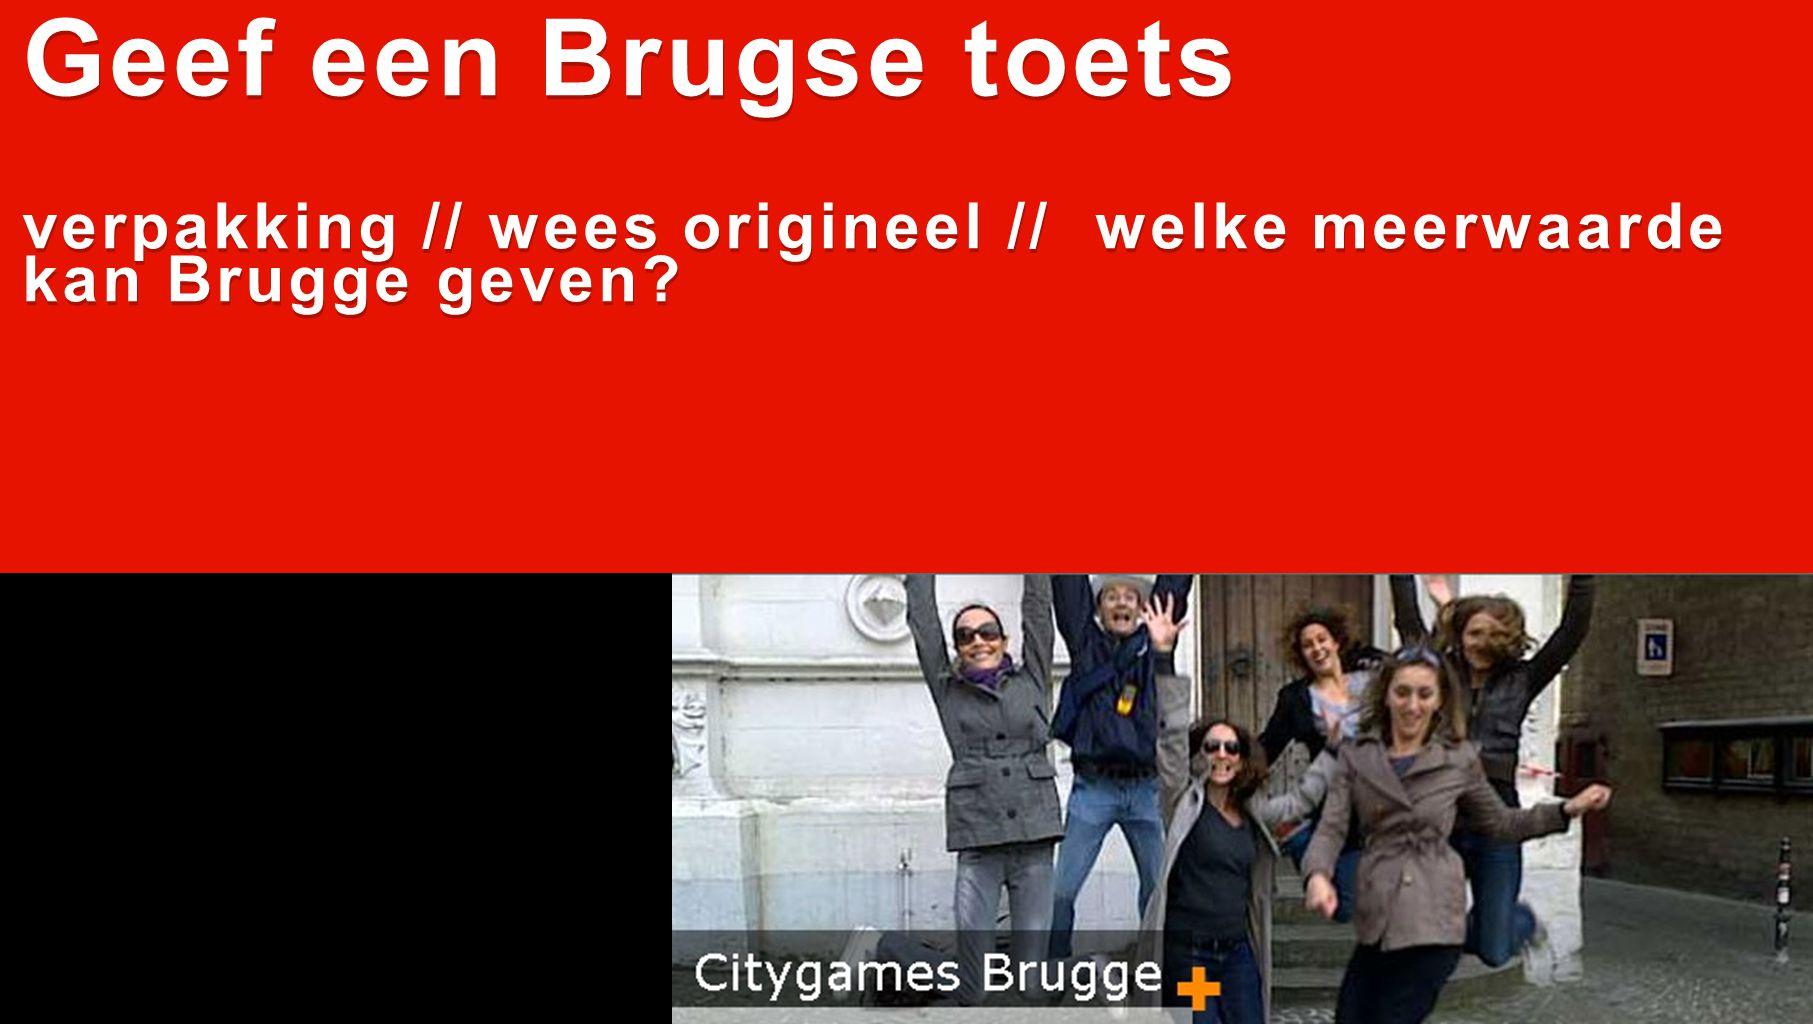 Geef een Brugse toets verpakking // wees origineel // welke meerwaarde kan Brugge geven? Geef een Brugse toets verpakking // wees origineel // welke m